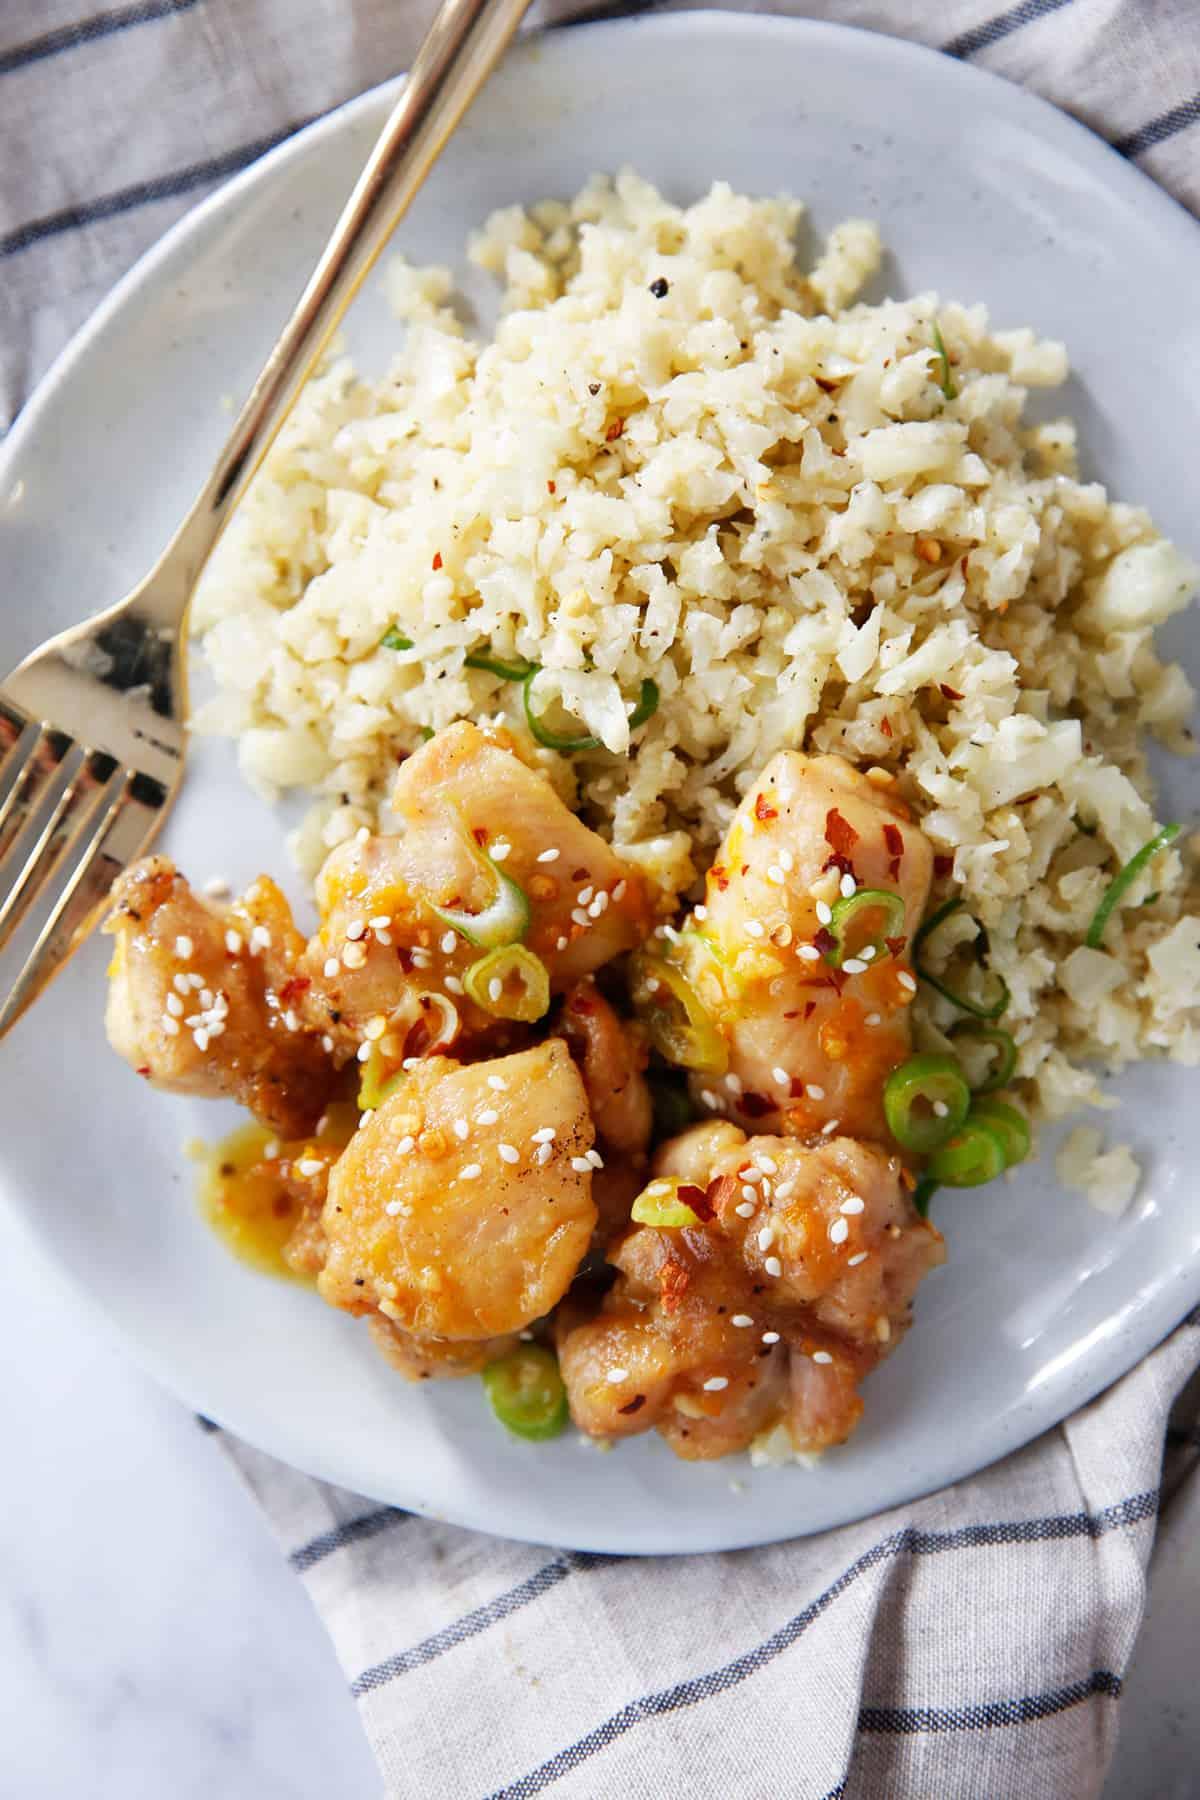 Paleo orange chicken with cauliflower rice on a plate